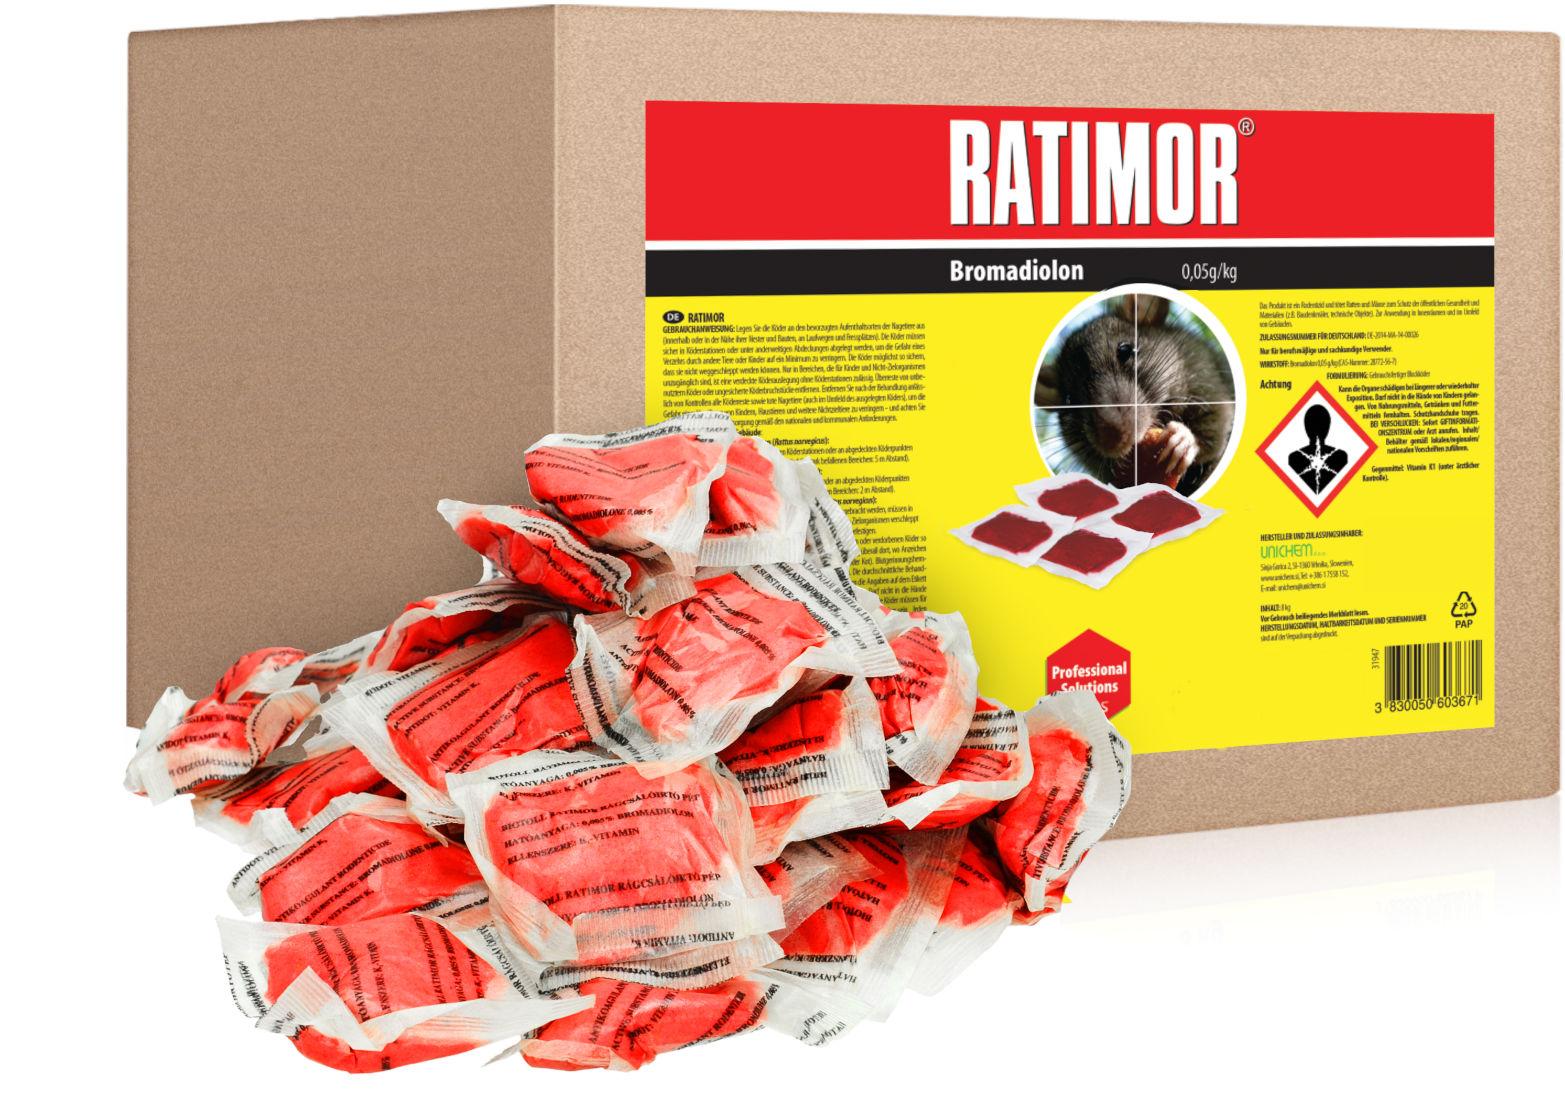 5kg Trutka na szczury, myszy, gryzonie. Ratimor bromadiolone pasta.